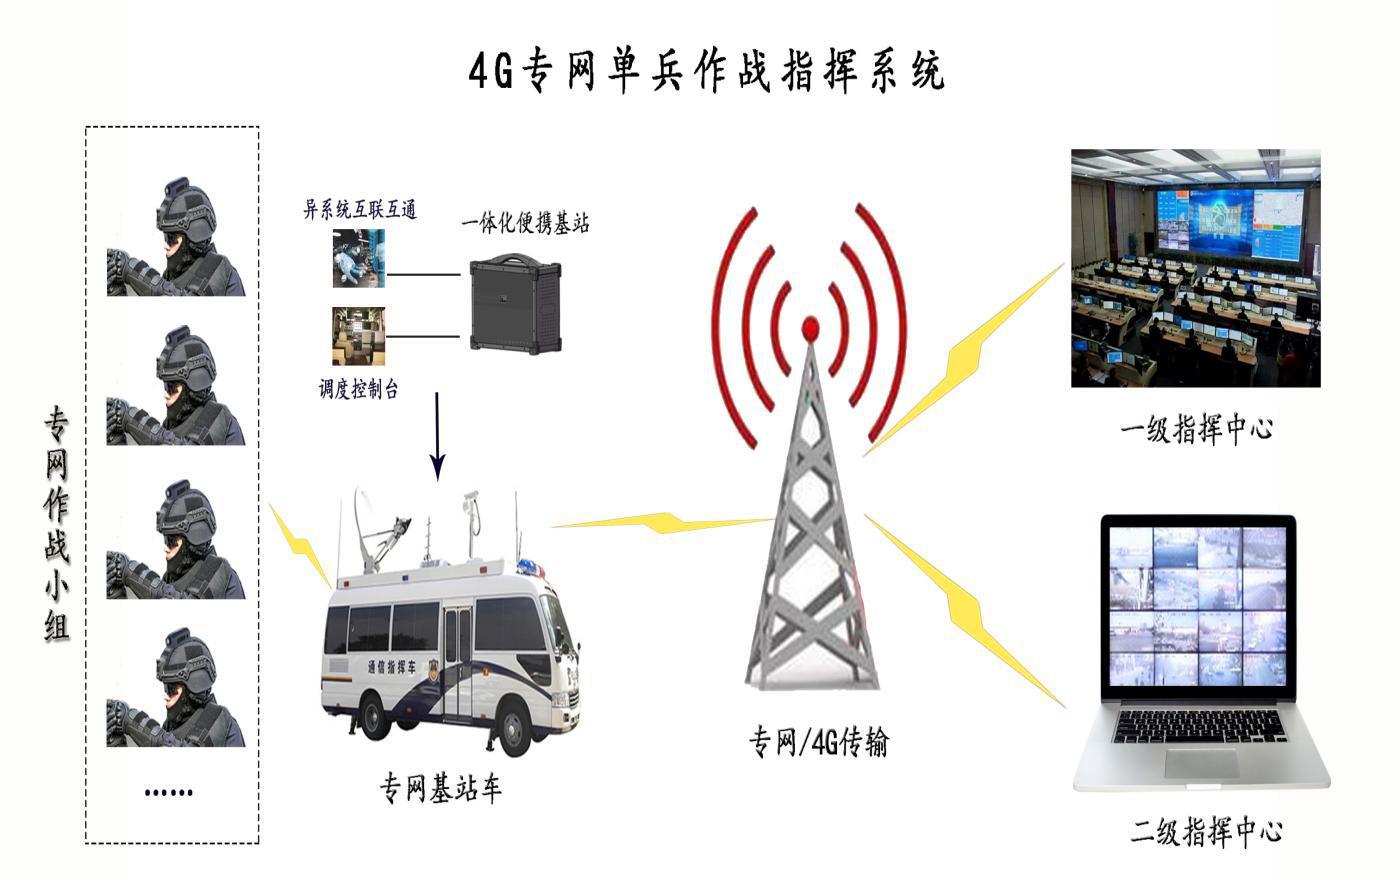 4G专网单兵作战指挥系统